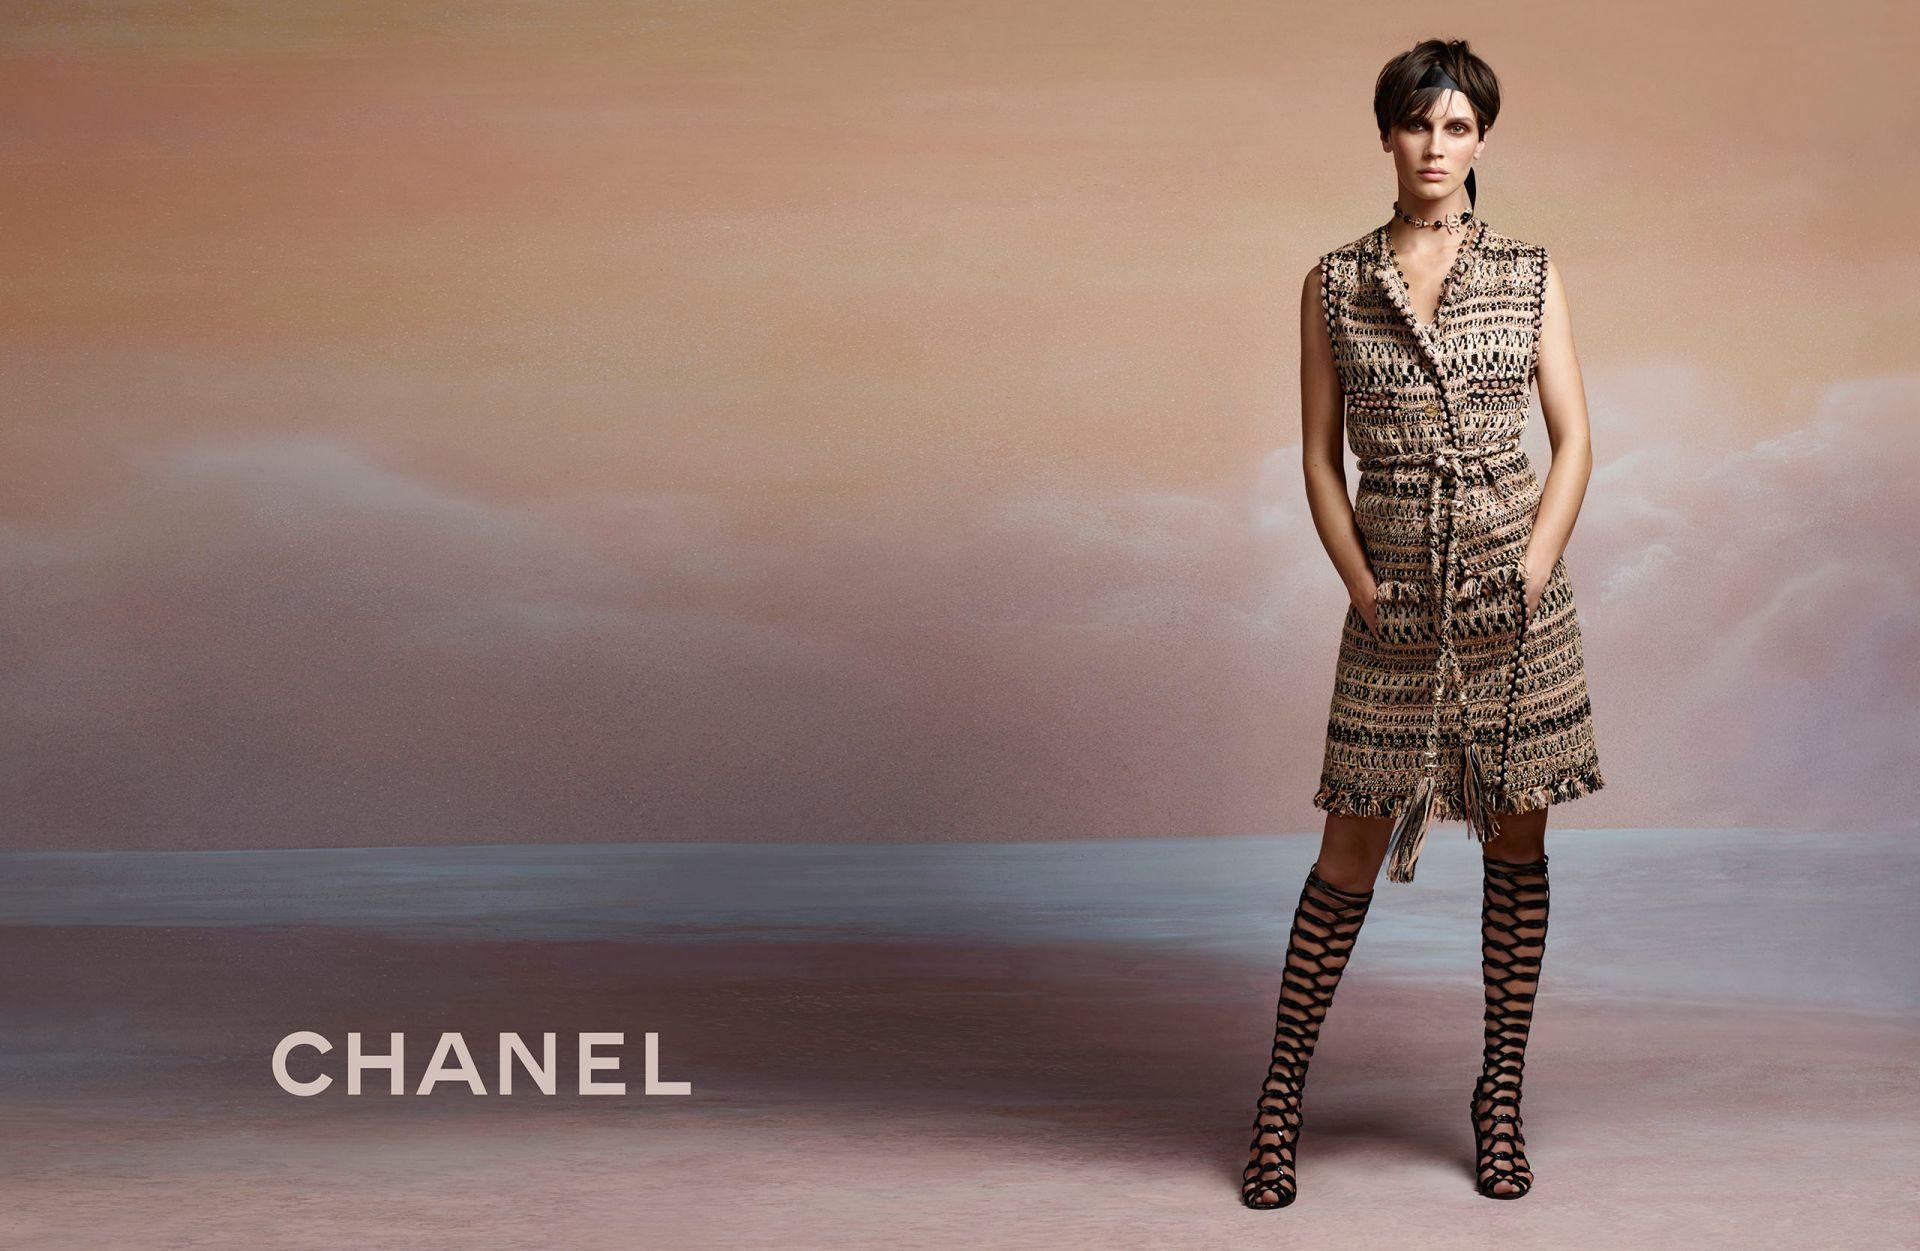 Chanel-resort-2018-ad-campaign-04